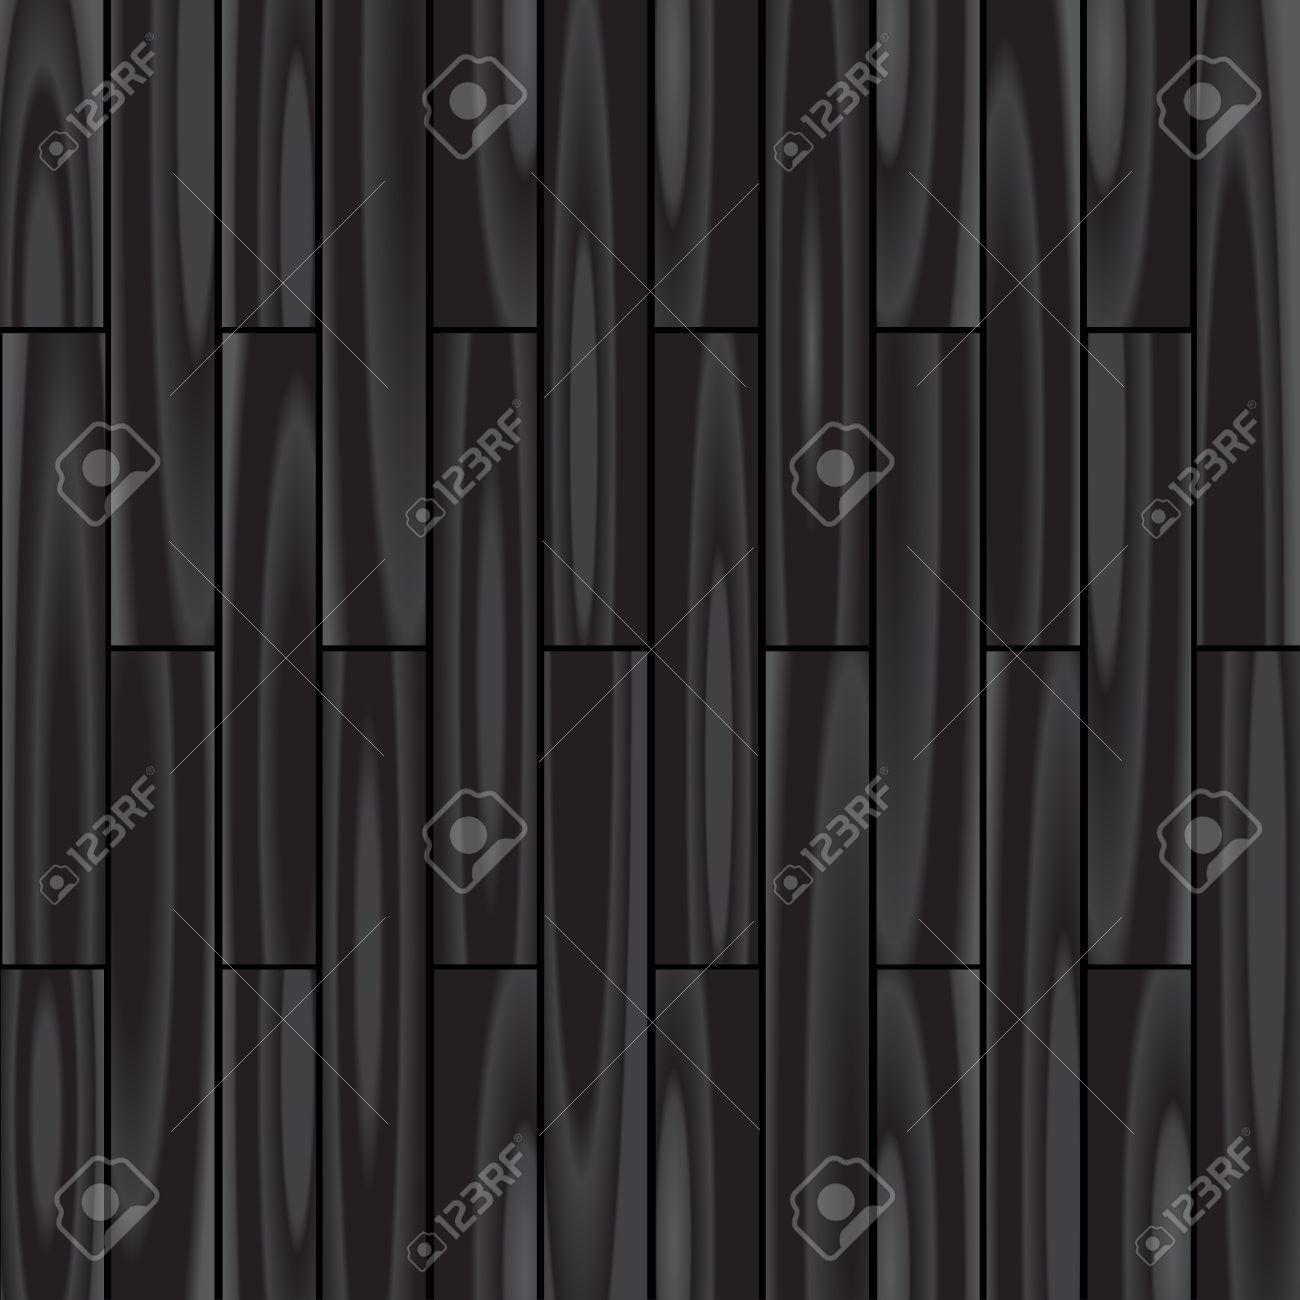 dark wood floor texture. Plain Wood Black Parquet Background Dark Wooden Floor Texture Stock Photo  69712454 And Dark Wood Floor Texture C